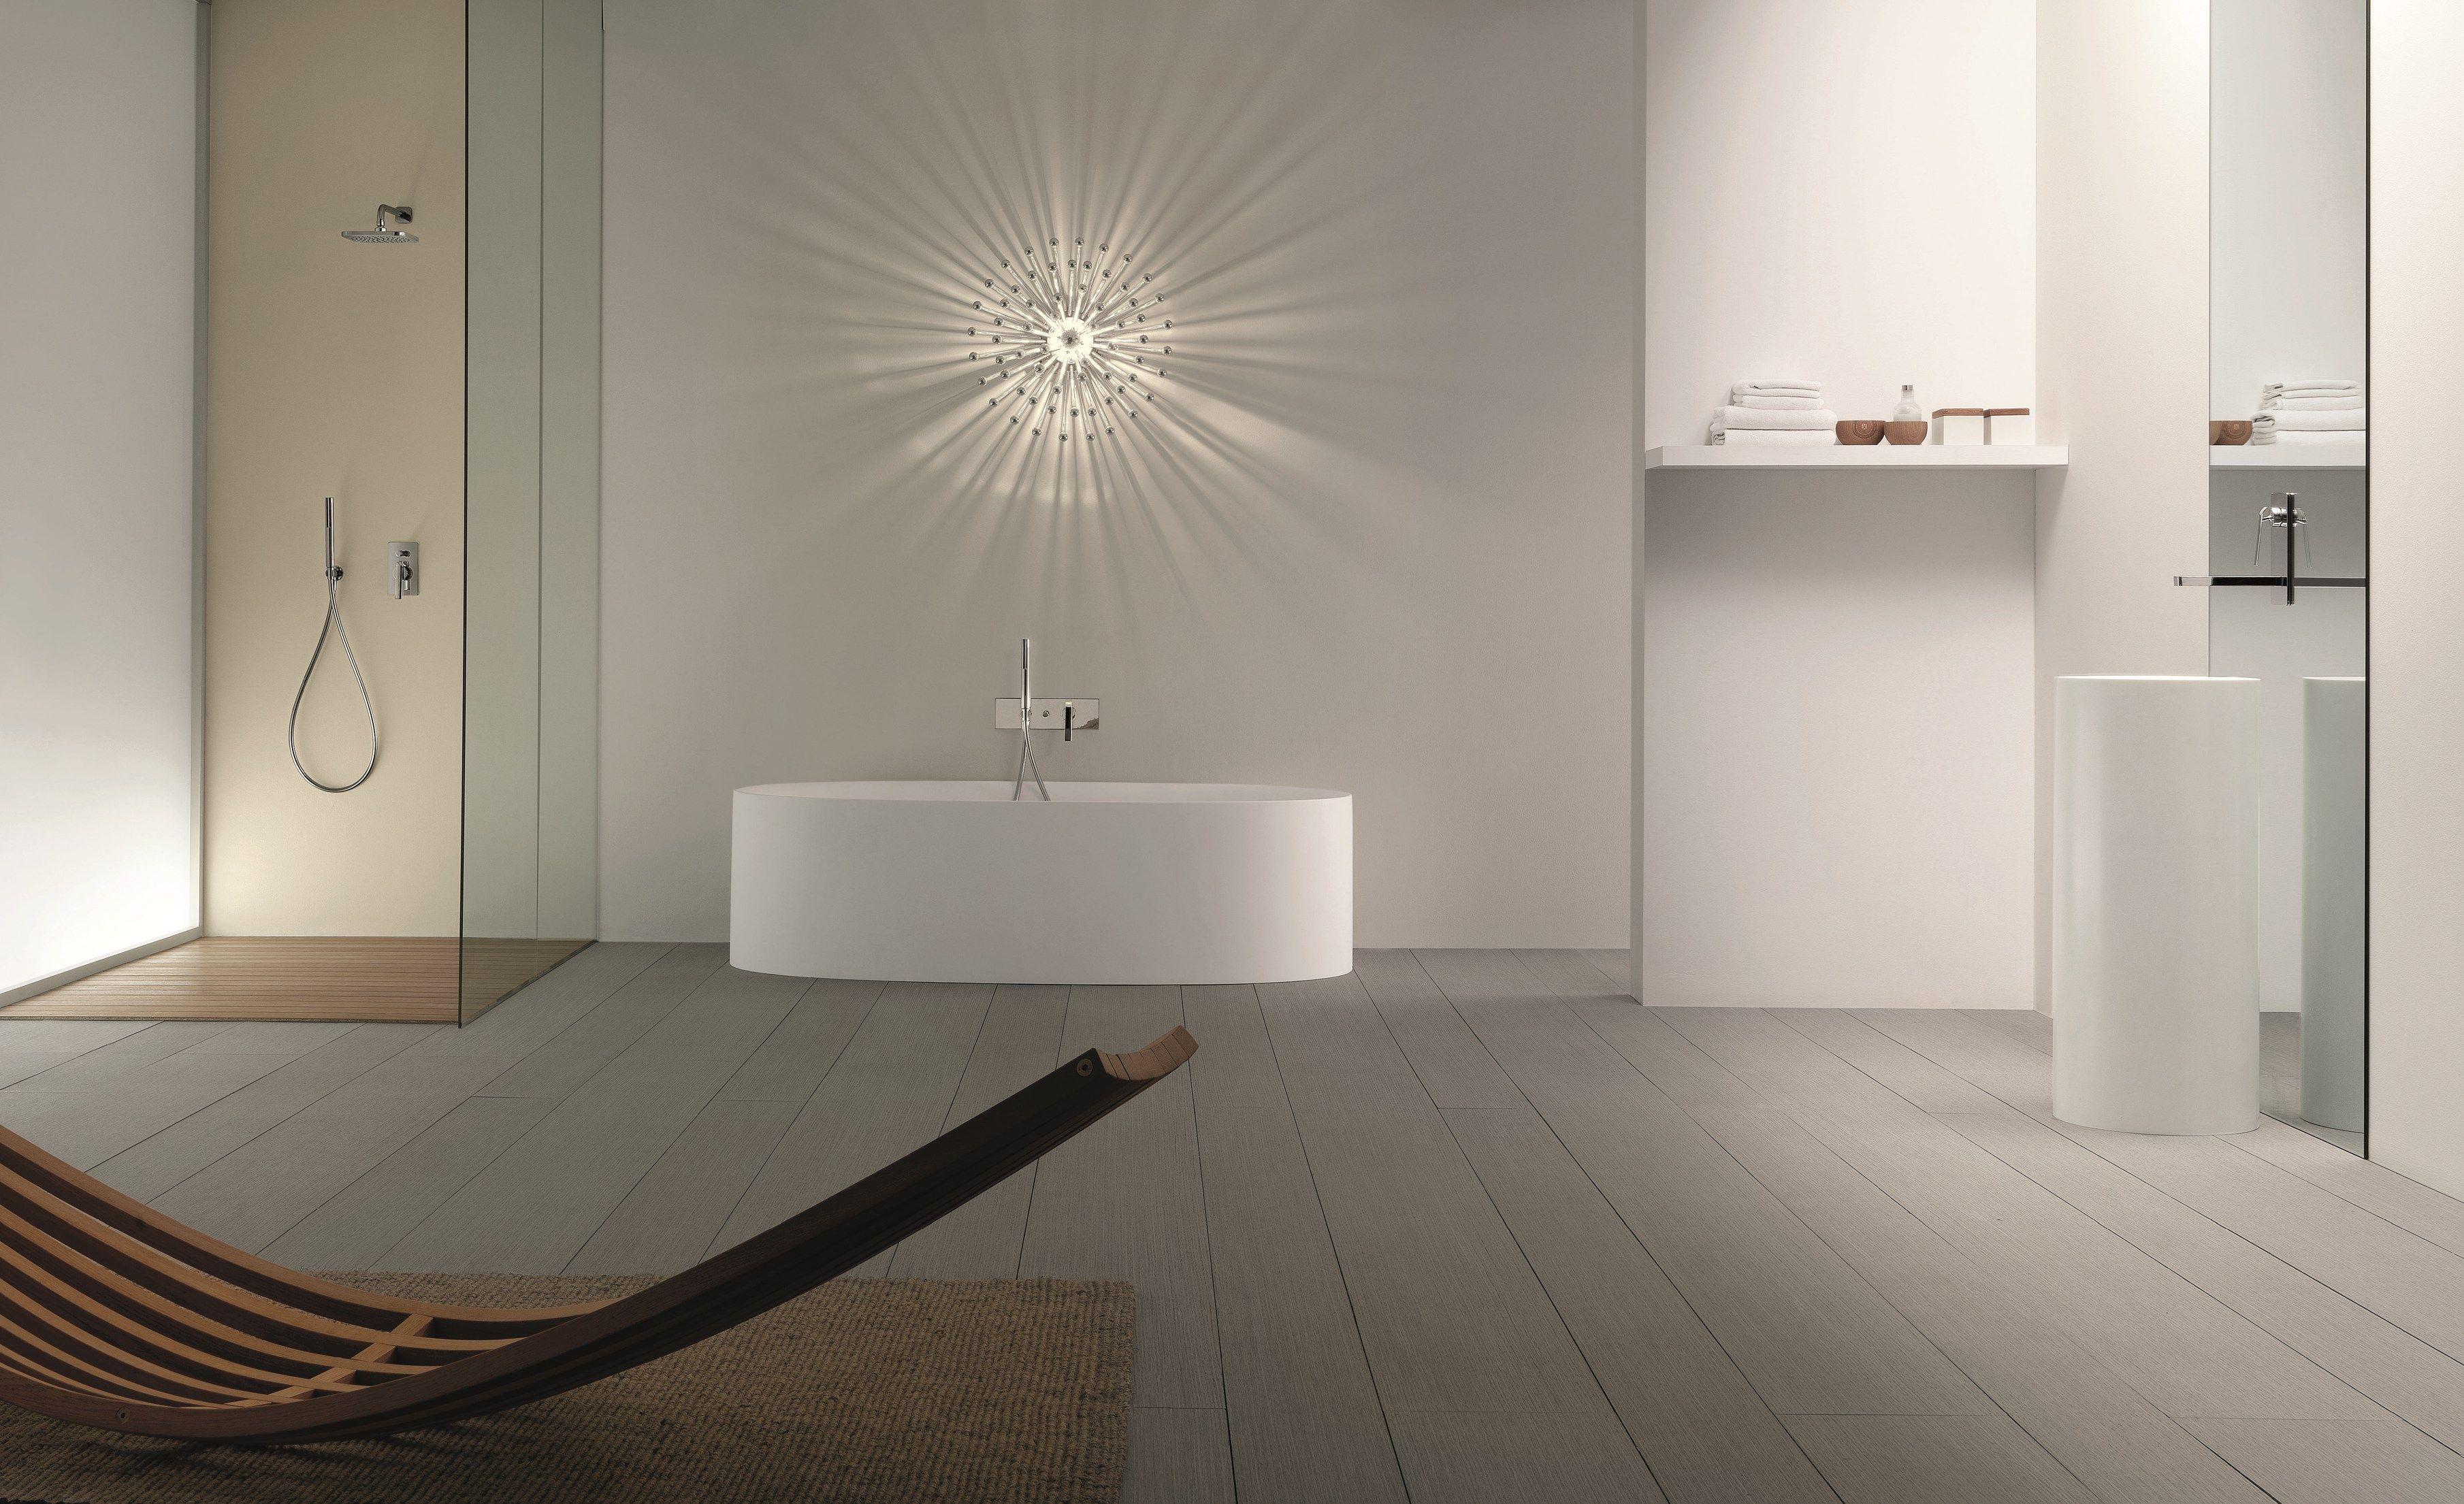 Dolce miscelatore per lavabo a muro by fantini rubinetti - Rubinetti a muro bagno ...